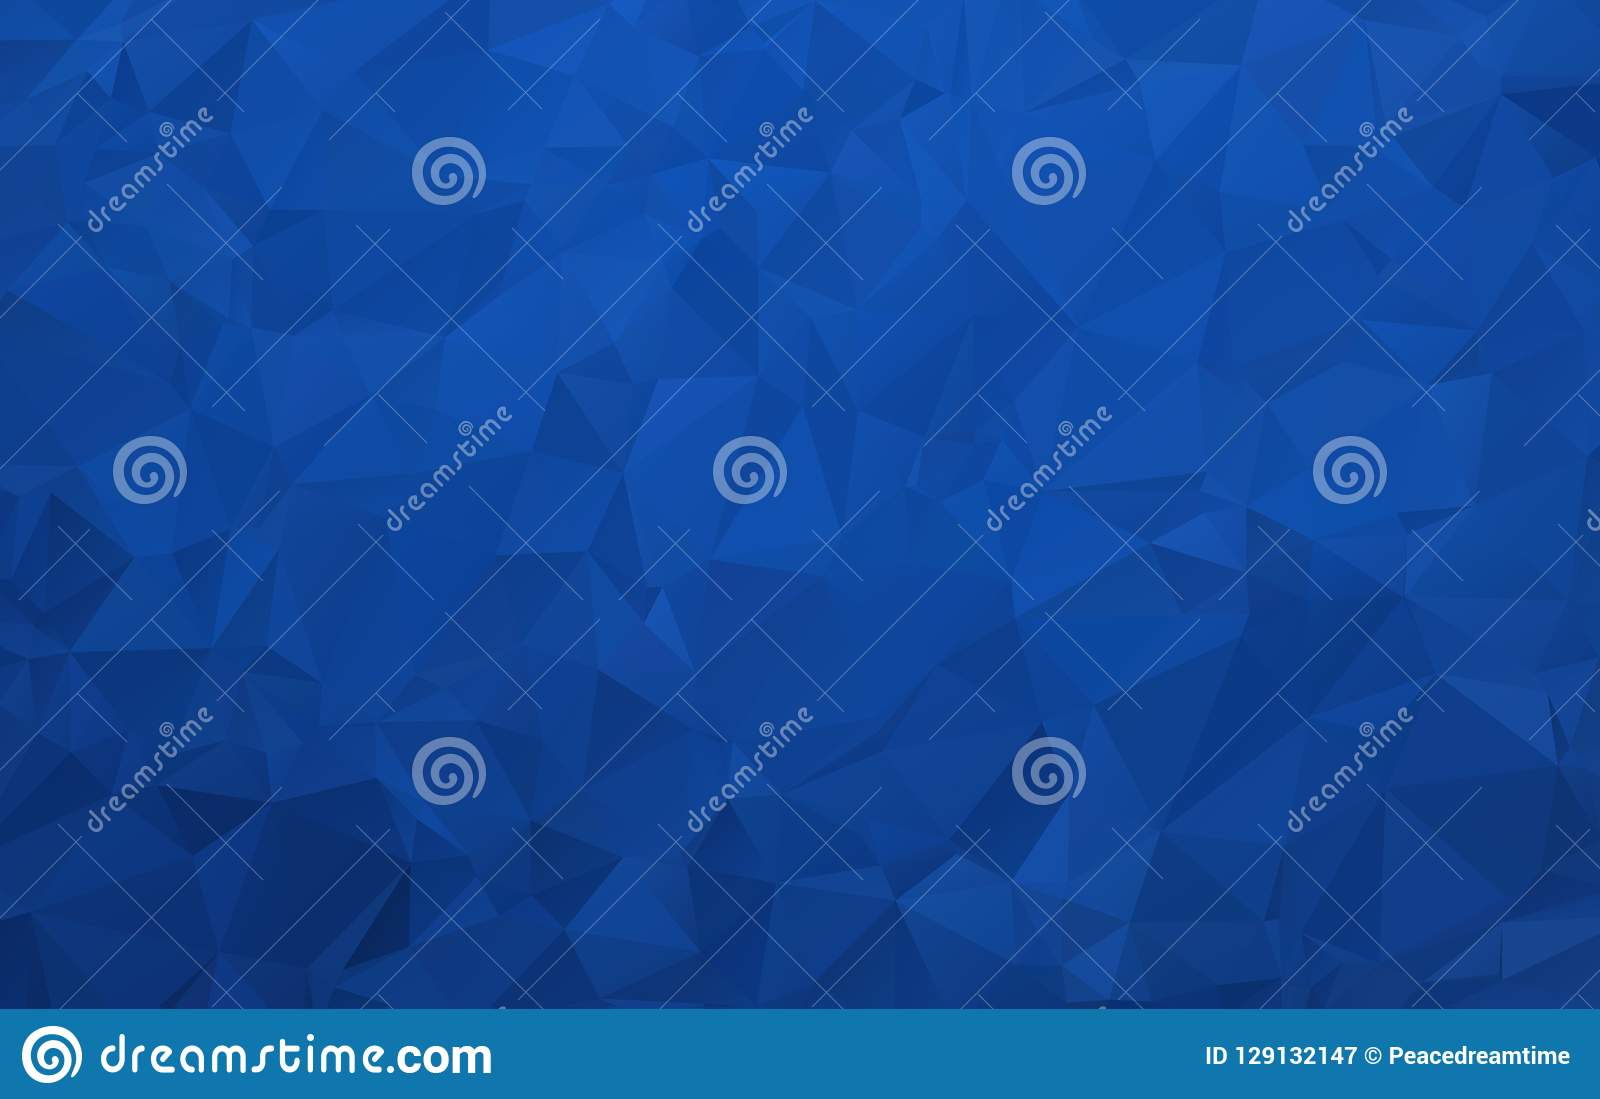 Fondo poligonale blu scuro astratto con effetto della luce della sovrapposizione per il cellulare ed il web design